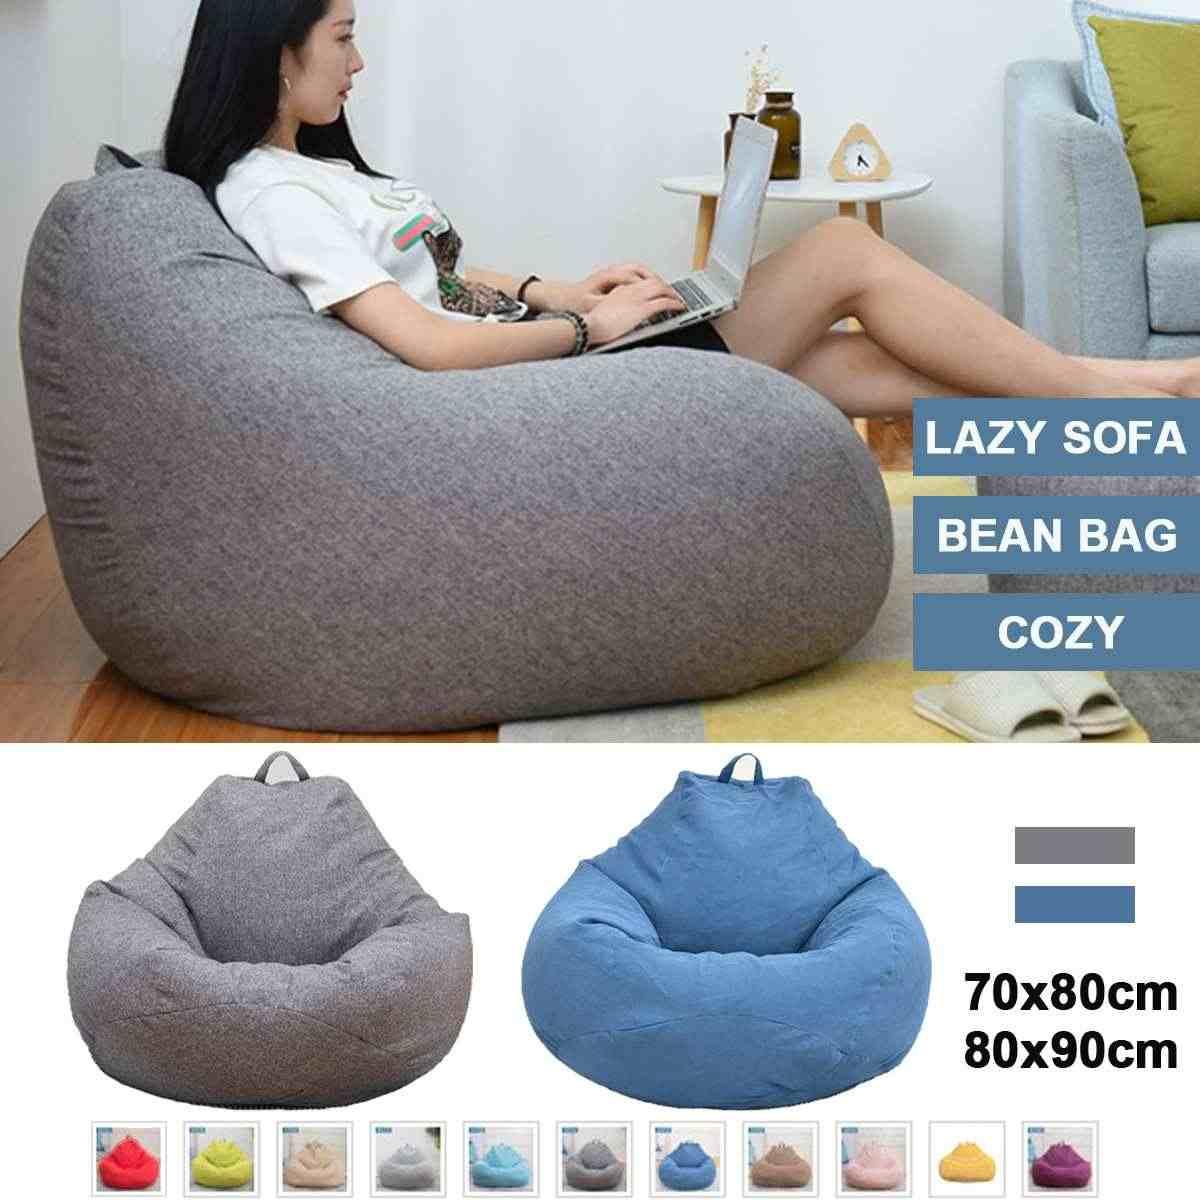 Beanbag диваны кресло для отдыха диван Хлопок чехлы для стульев водонепроницаемый набивные животные османское сиденье Bean сумка без заполнения только крышка